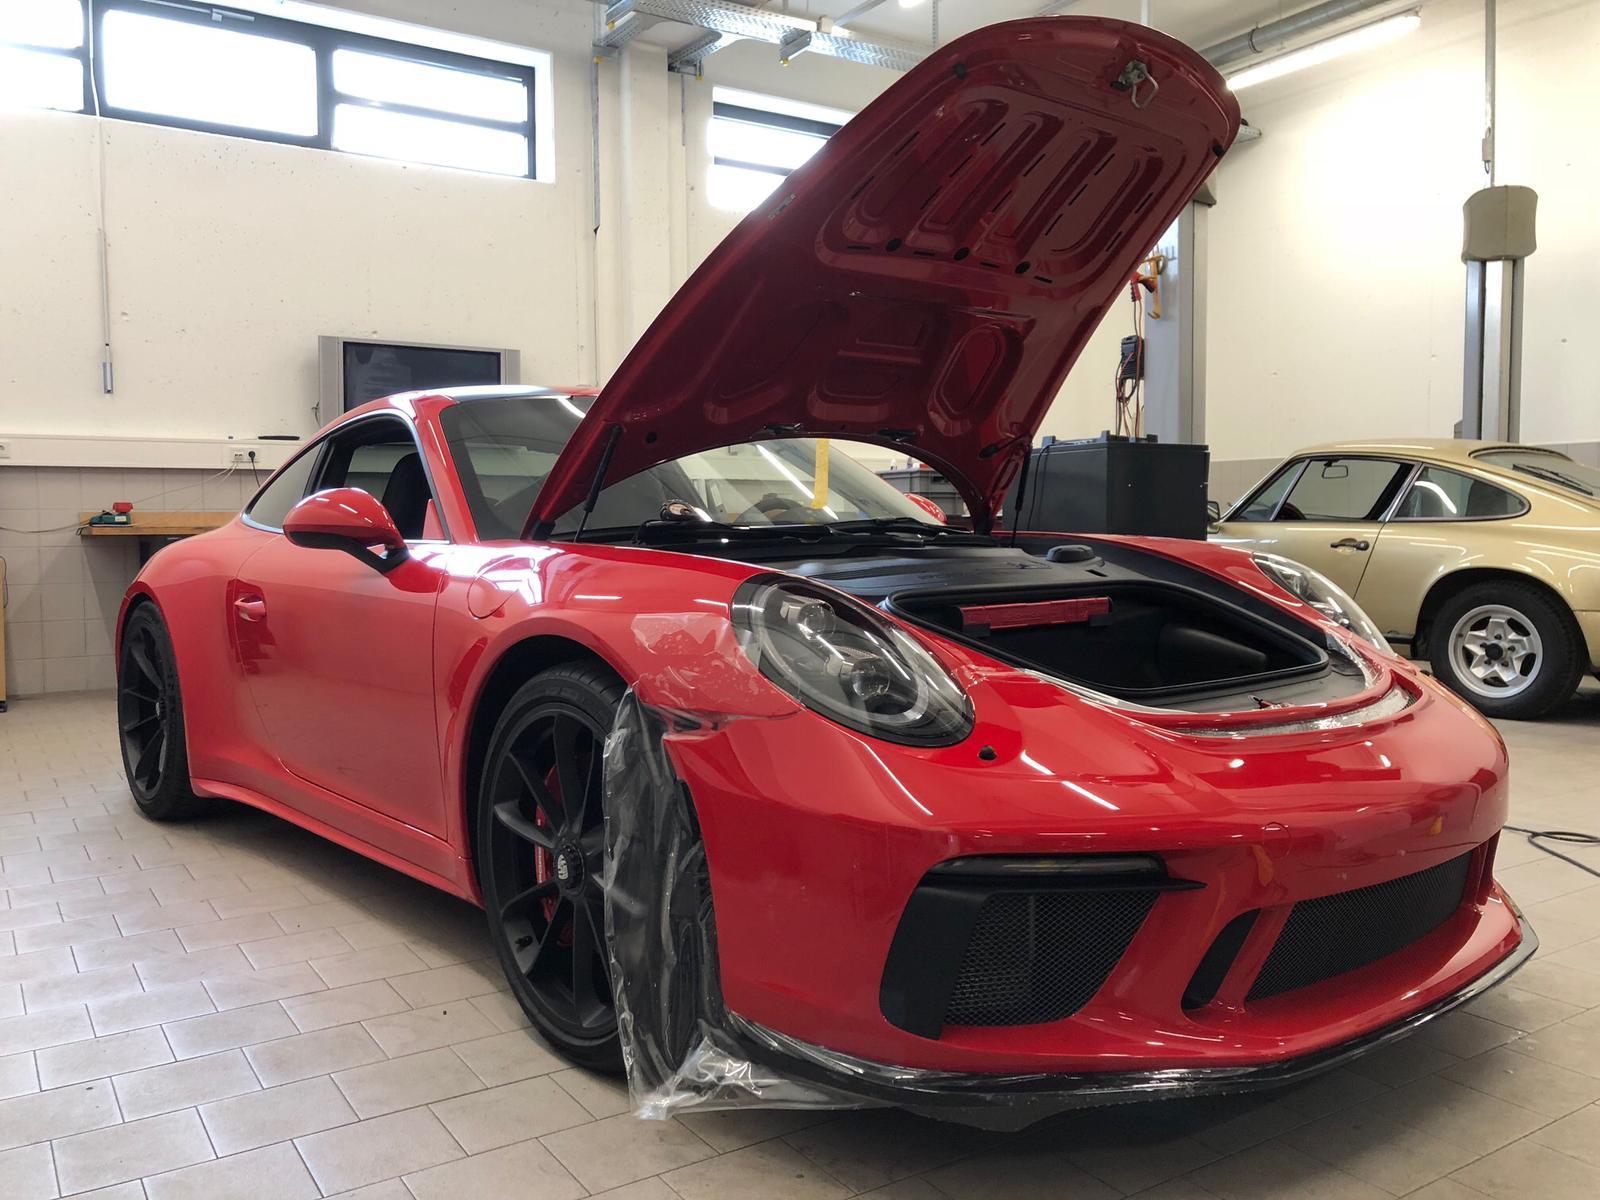 Porsche GT3 Touring Lackschutz